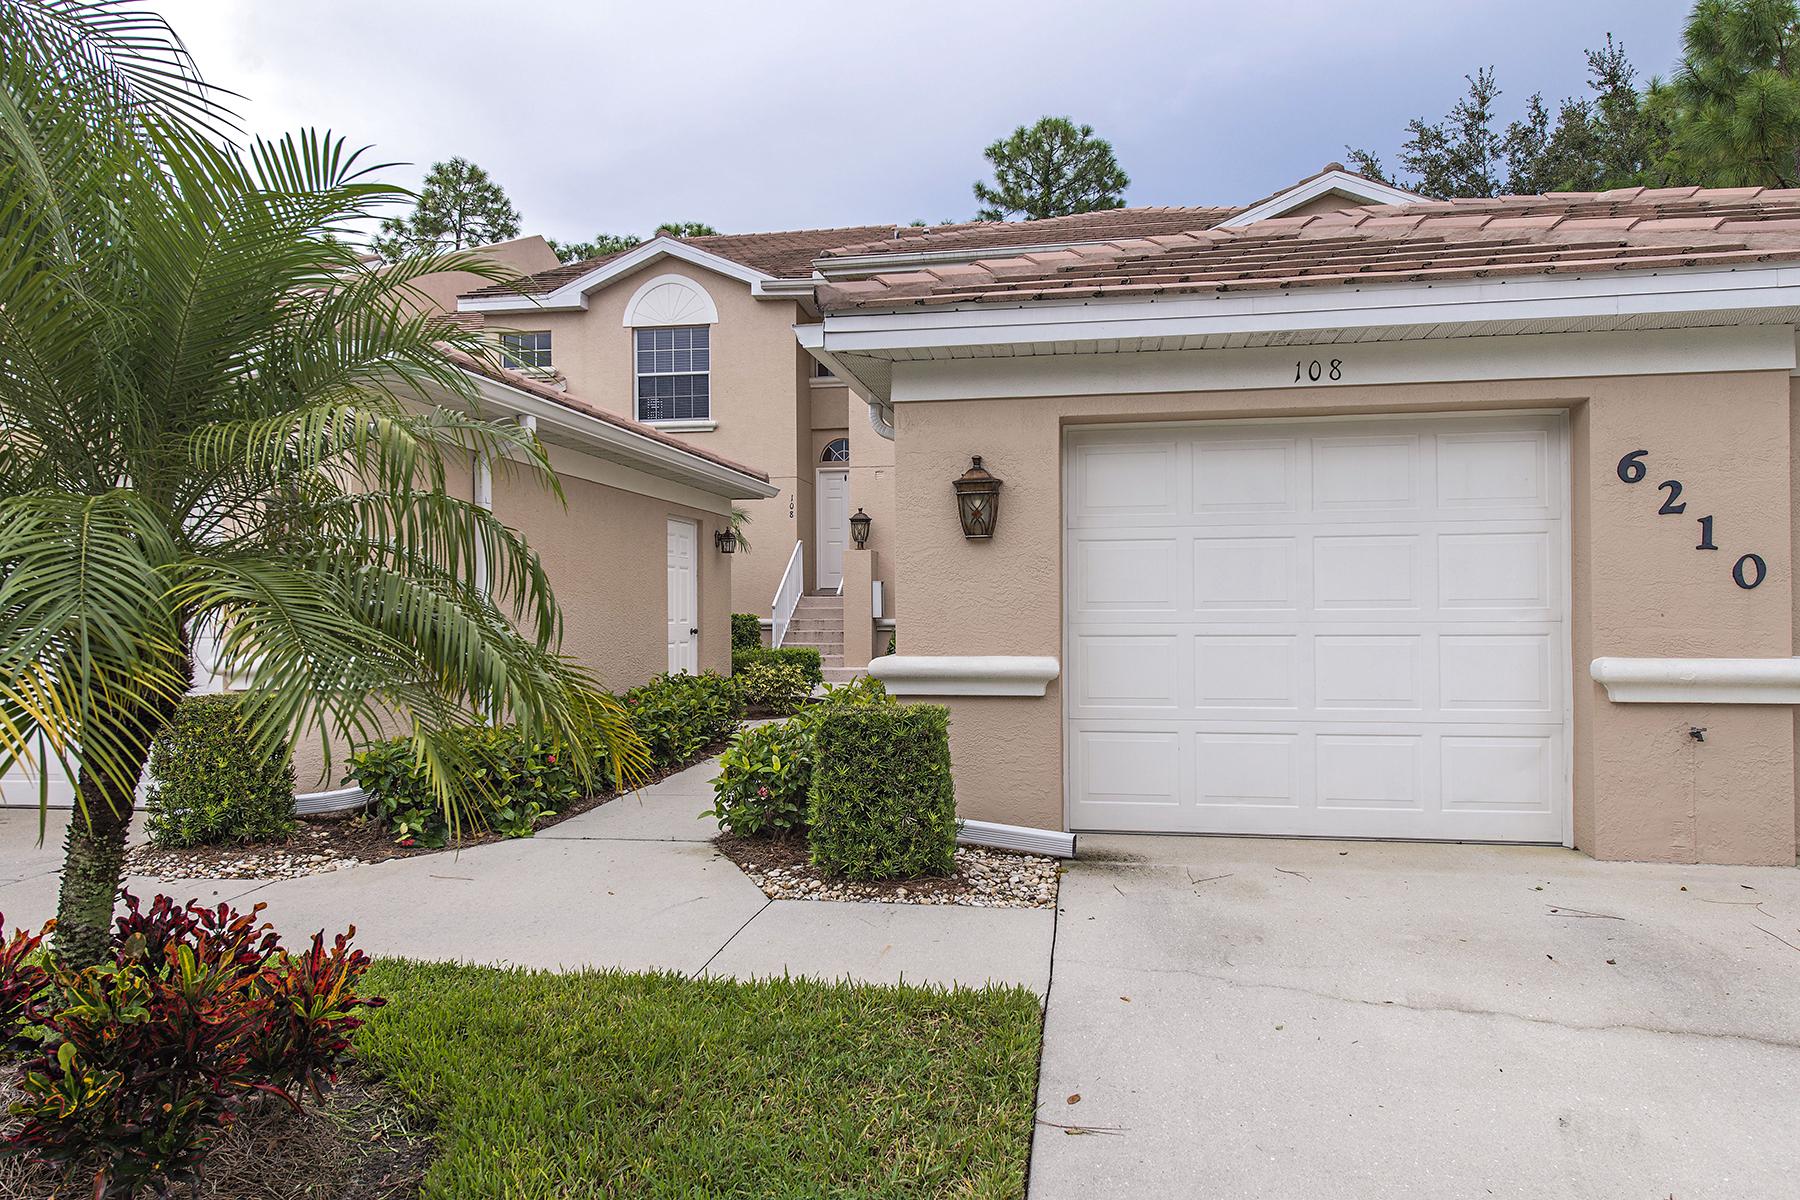 コンドミニアム のために 売買 アット WILSHIRE LAKES - WILSHIRE PINES 6210 Wilshire Pines Cir 108 Naples, フロリダ 34109 アメリカ合衆国